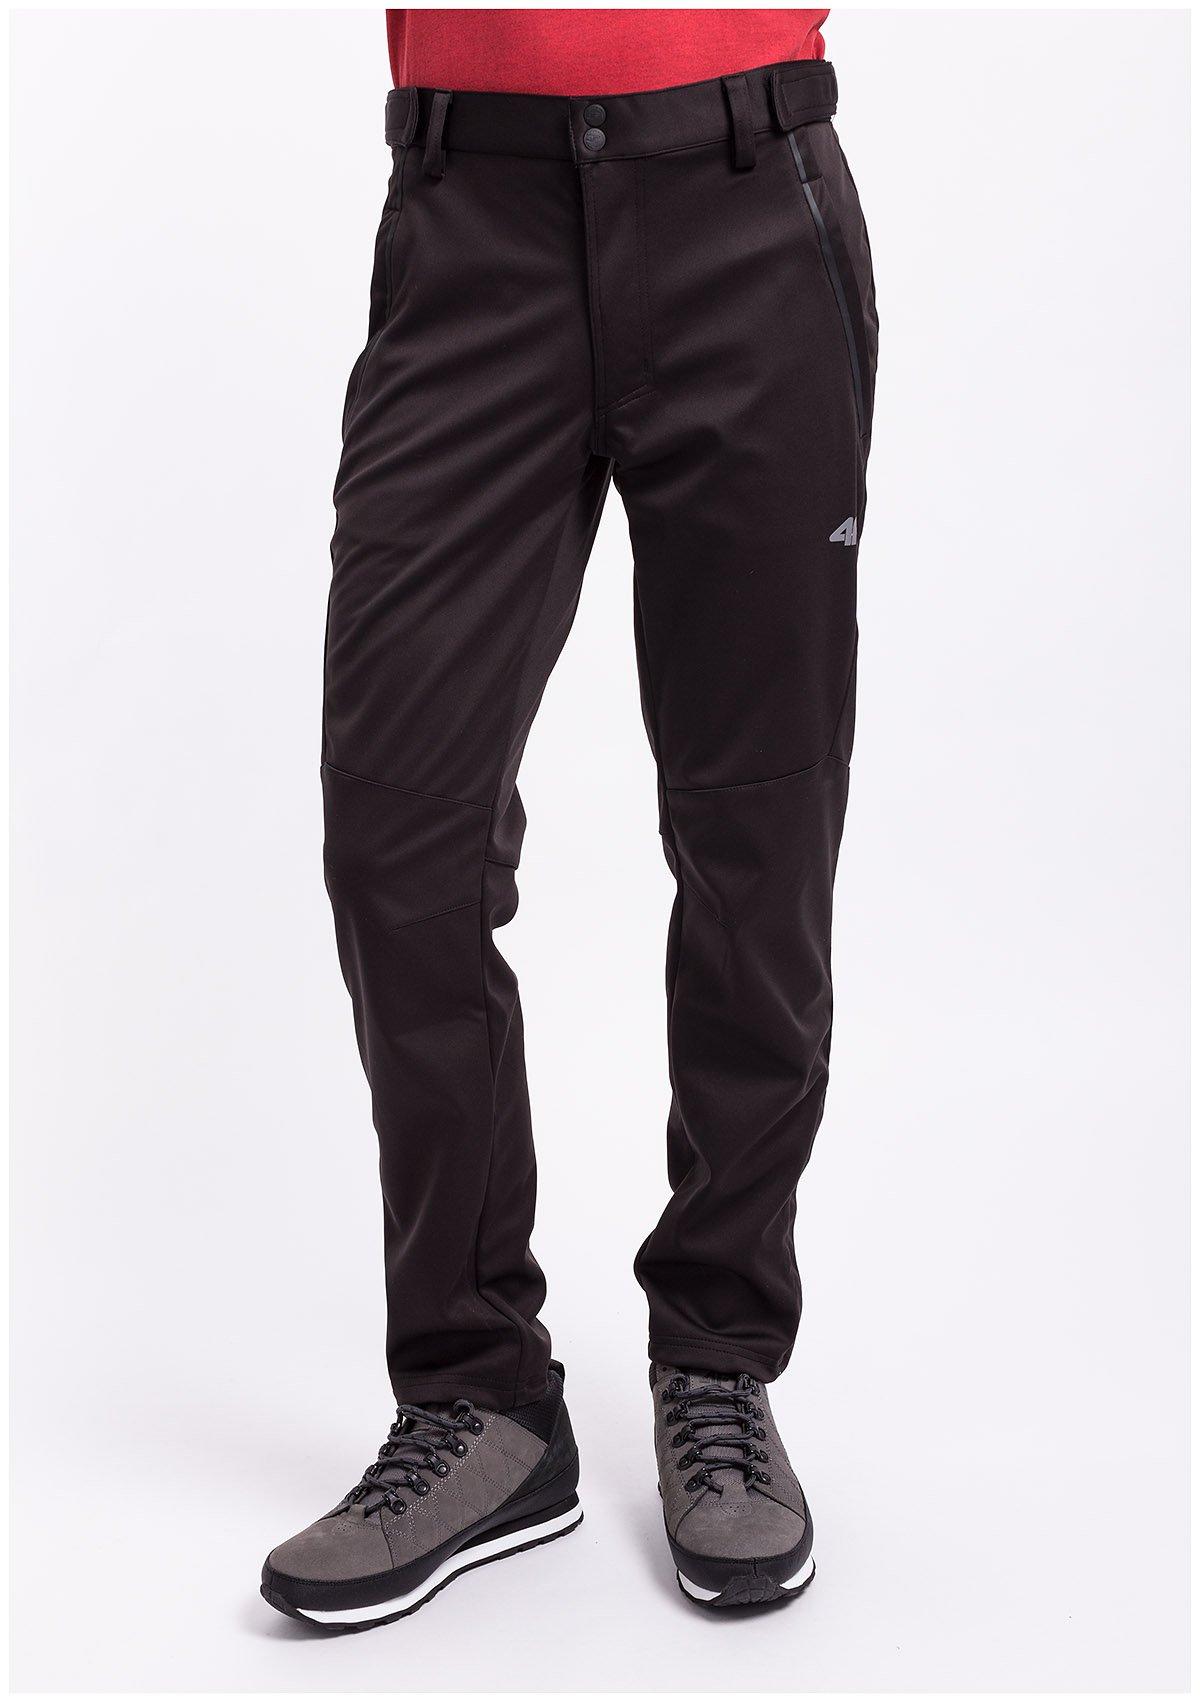 Spodnie trekkingowe męskie SPMT001z czarny